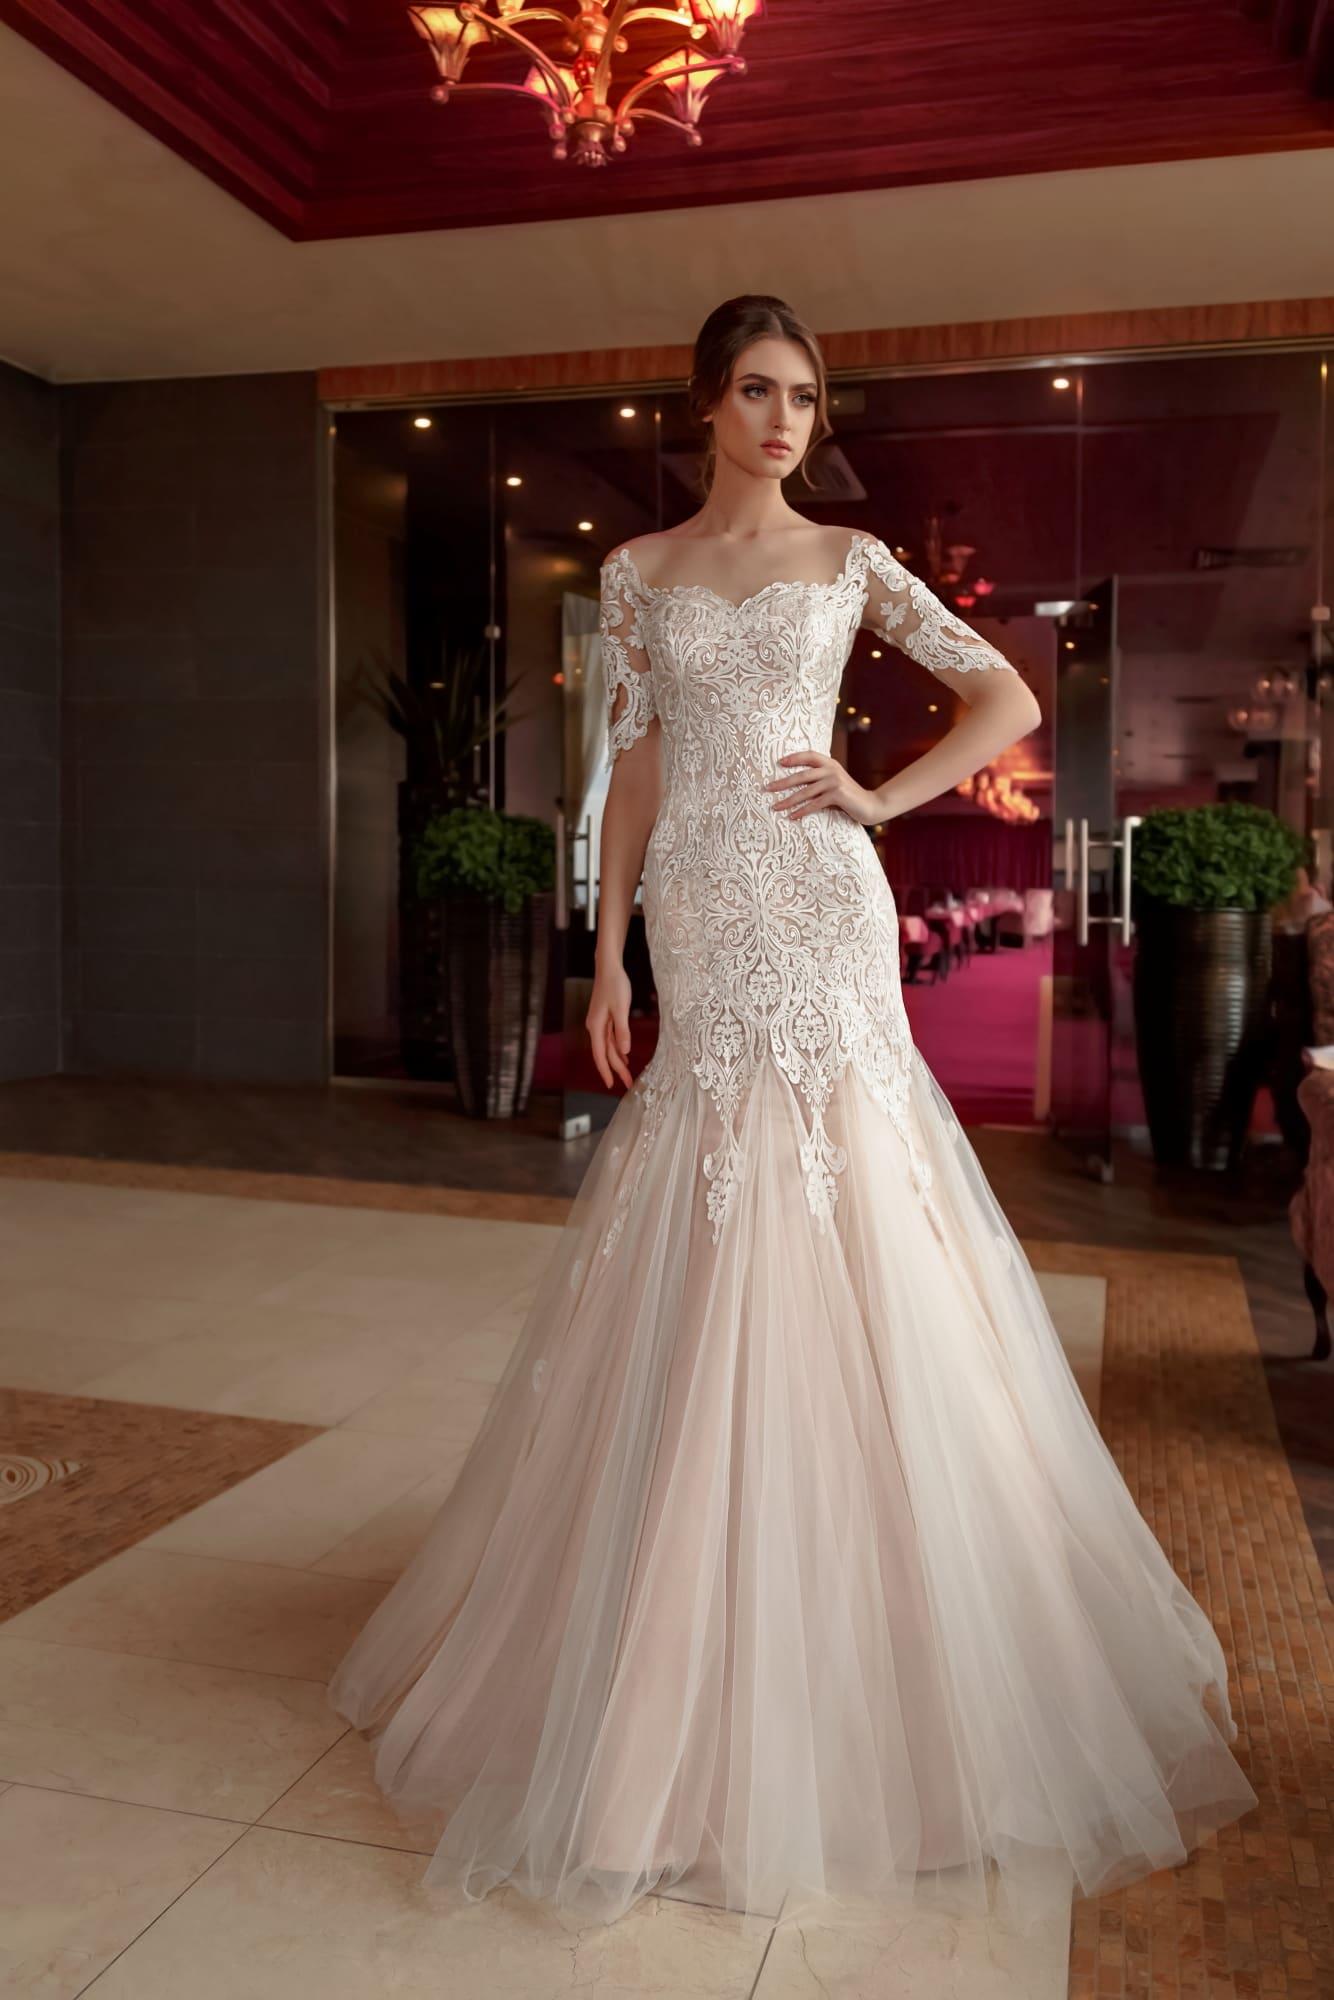 763ffd5ffd9 Кружевное свадебное платье «русалка» с бежевой подкладкой и длинным рукавом.